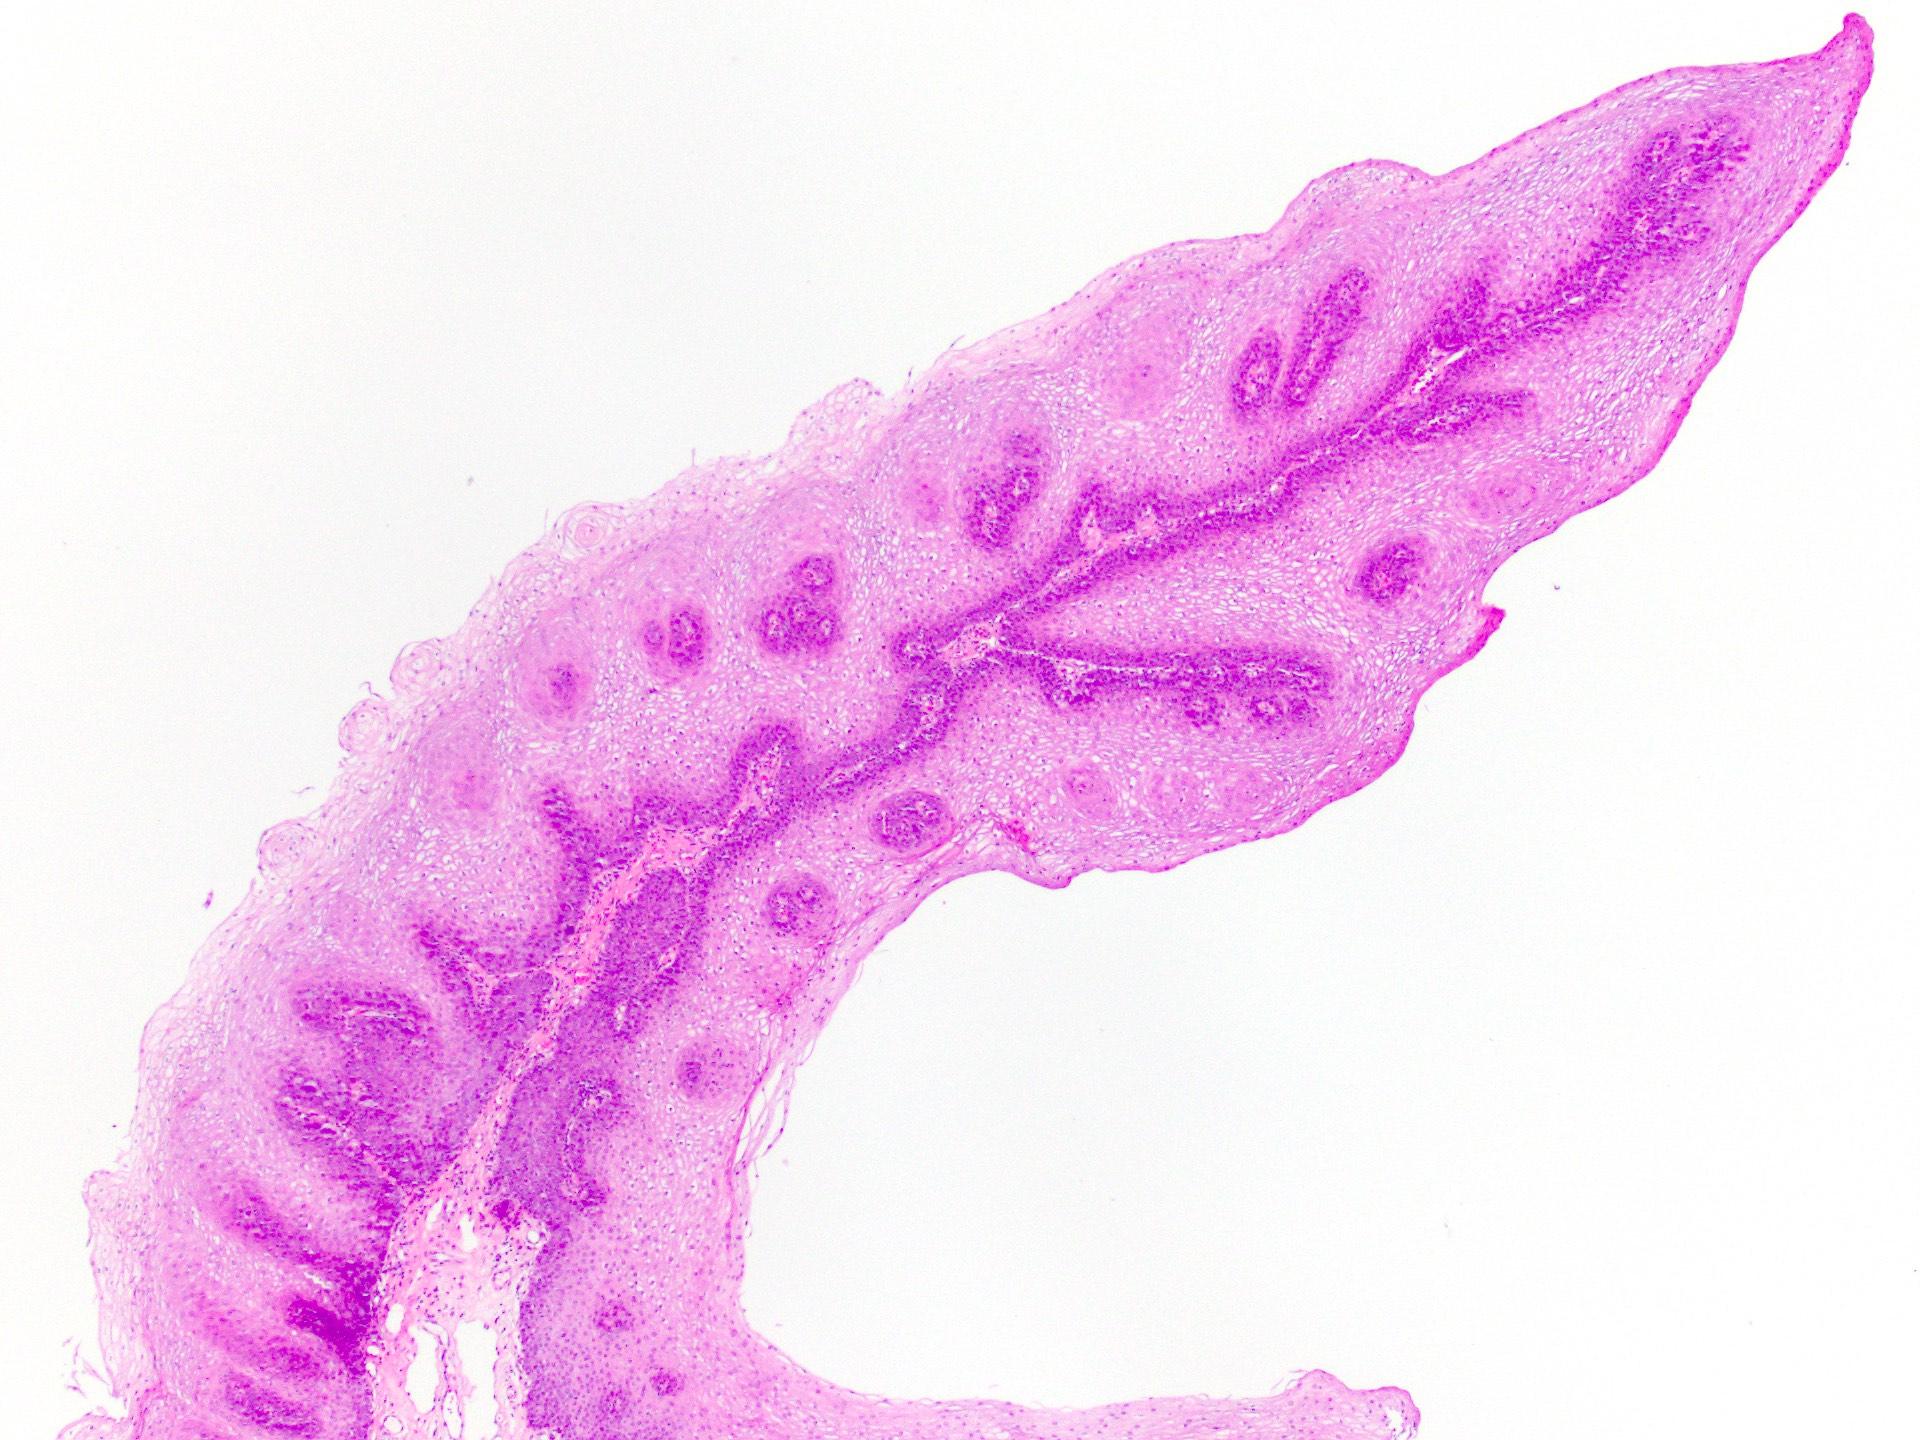 Az emlőelváltozások vékonytű biopsiája